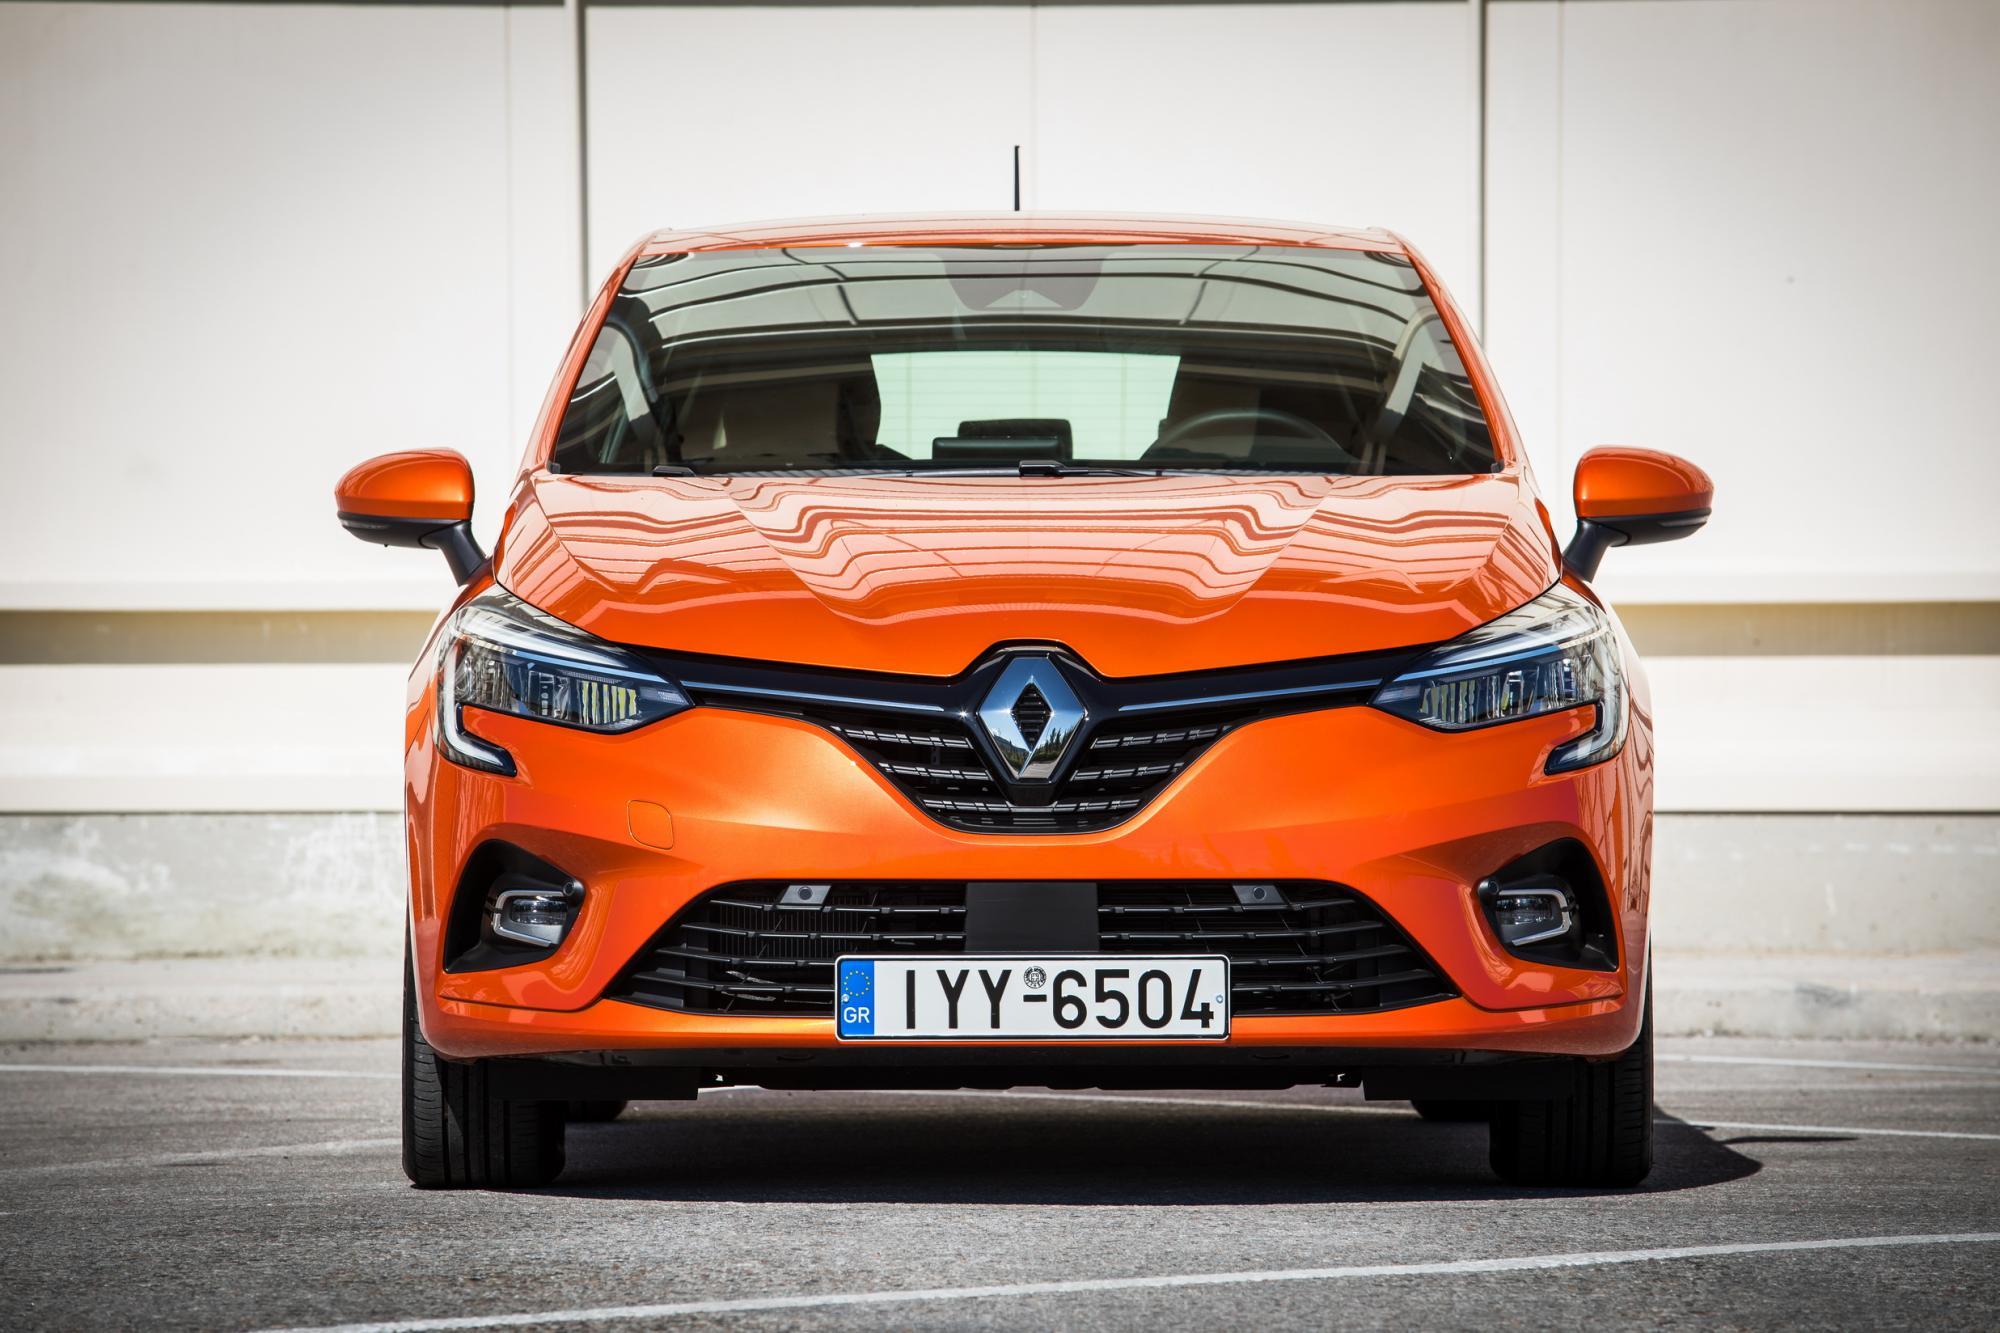 Αύξηση πωλήσεων για την Renault